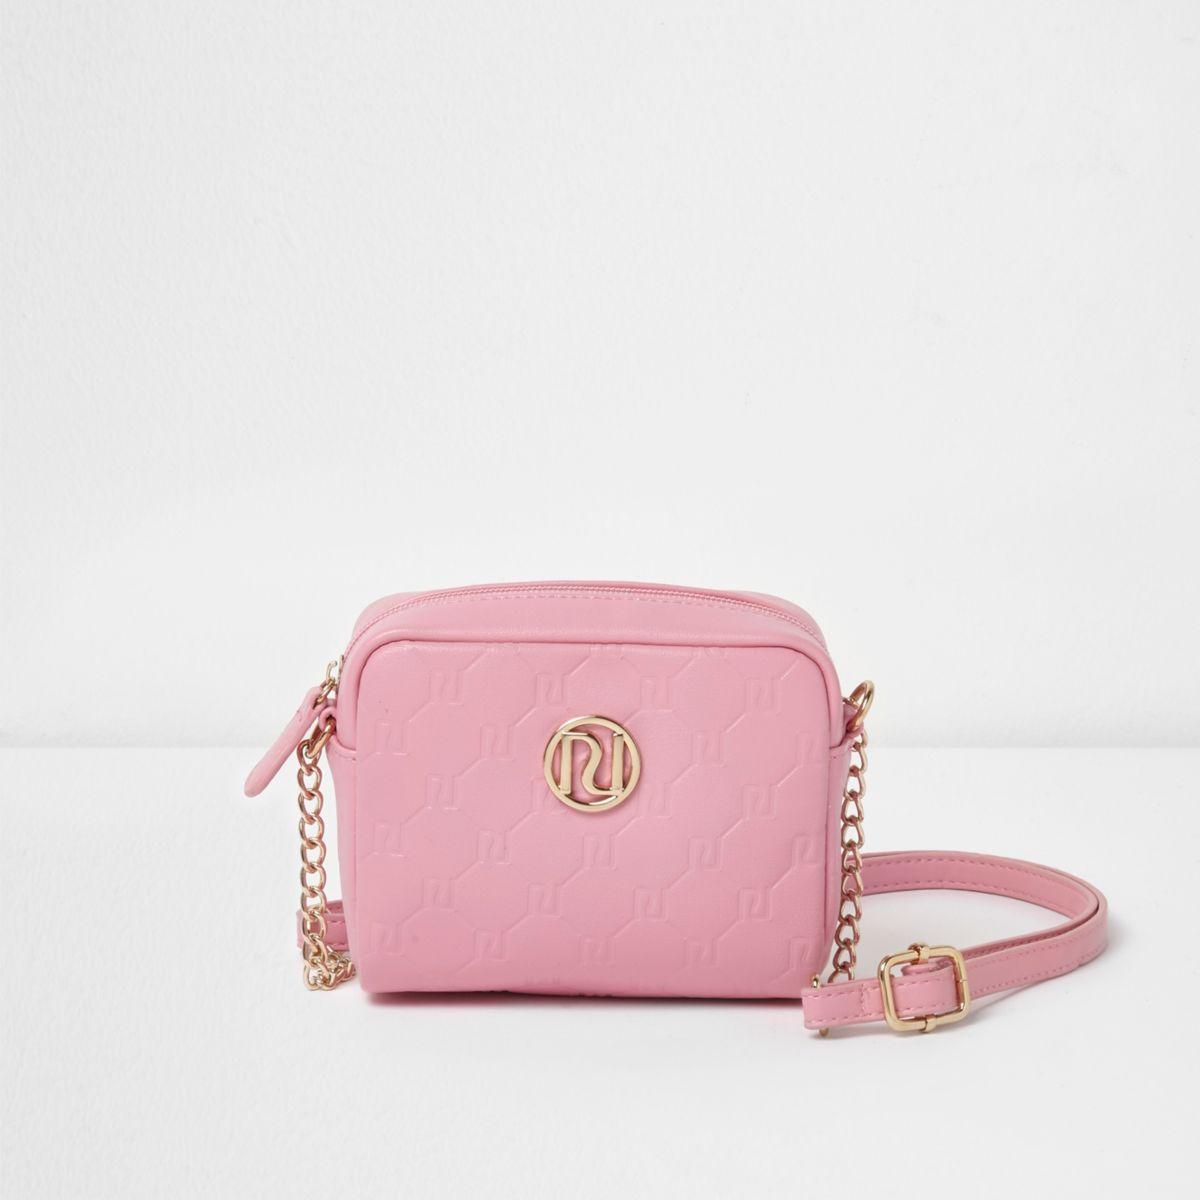 RI – Petit sac à bandoulière rose à motifs en reliefs